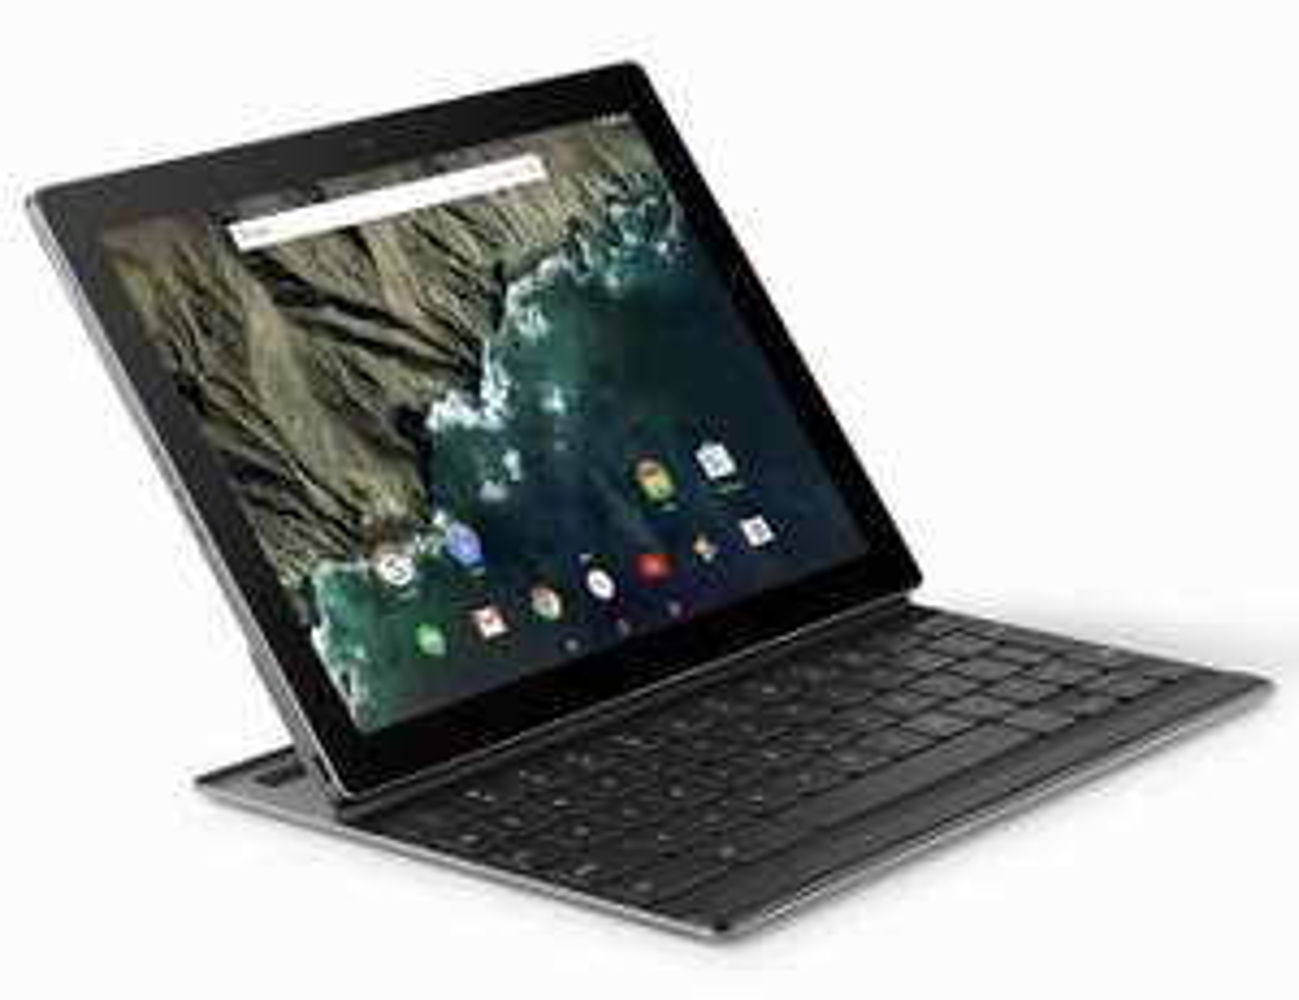 """Tablette 10.2"""" Pixel C - QHD, 4 cœurs A57 2 GHz, RAM 3 Go, ROM 32 Go (Clavier non inclus)"""